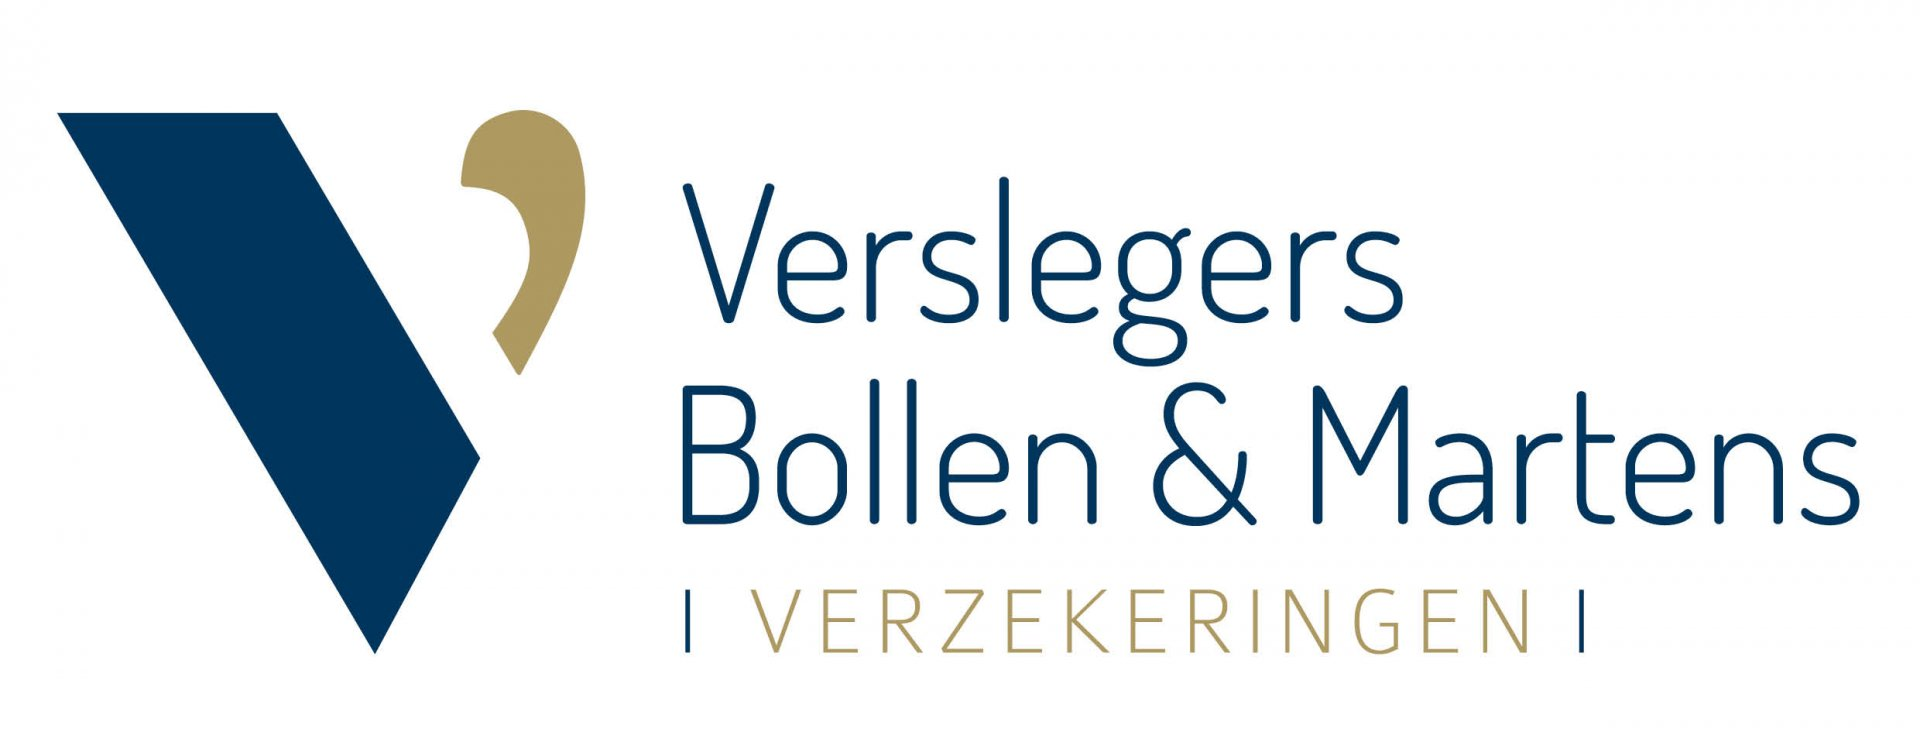 Verslegers Bollen & Martens